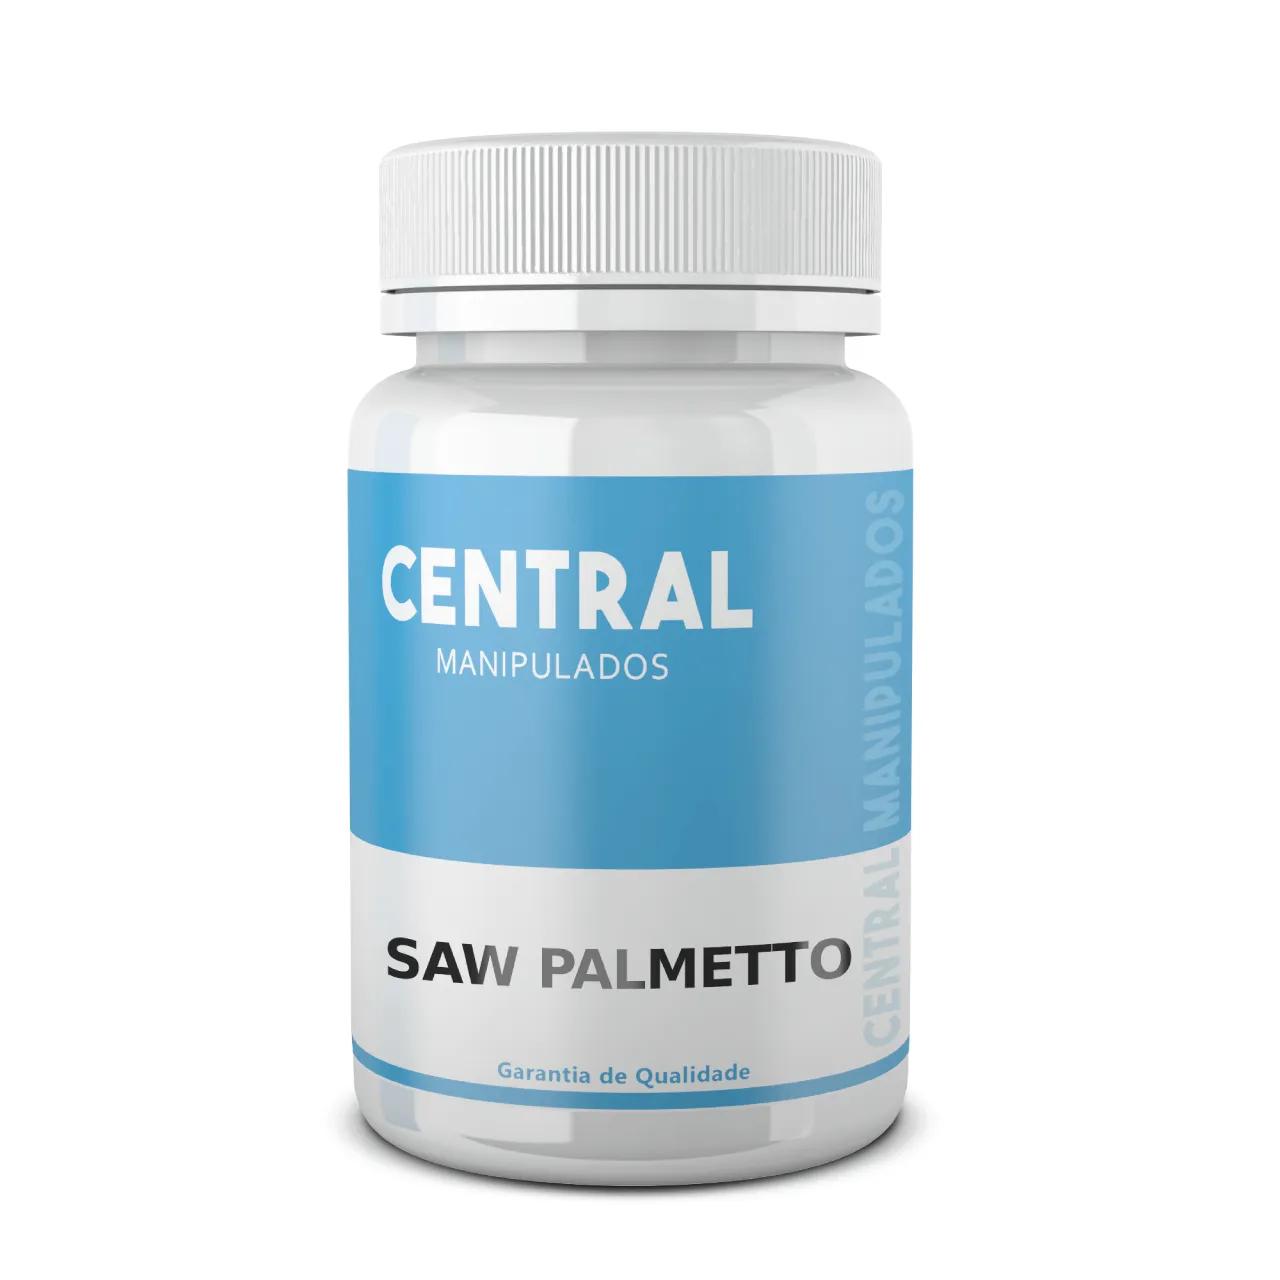 Saw Palmetto 160mg - 60 Cápsulas - Prevenção de doenças da Próstata, Hiperplasia Benigna de Próstata (HPB), Desordem dos sistemas urinário e genital